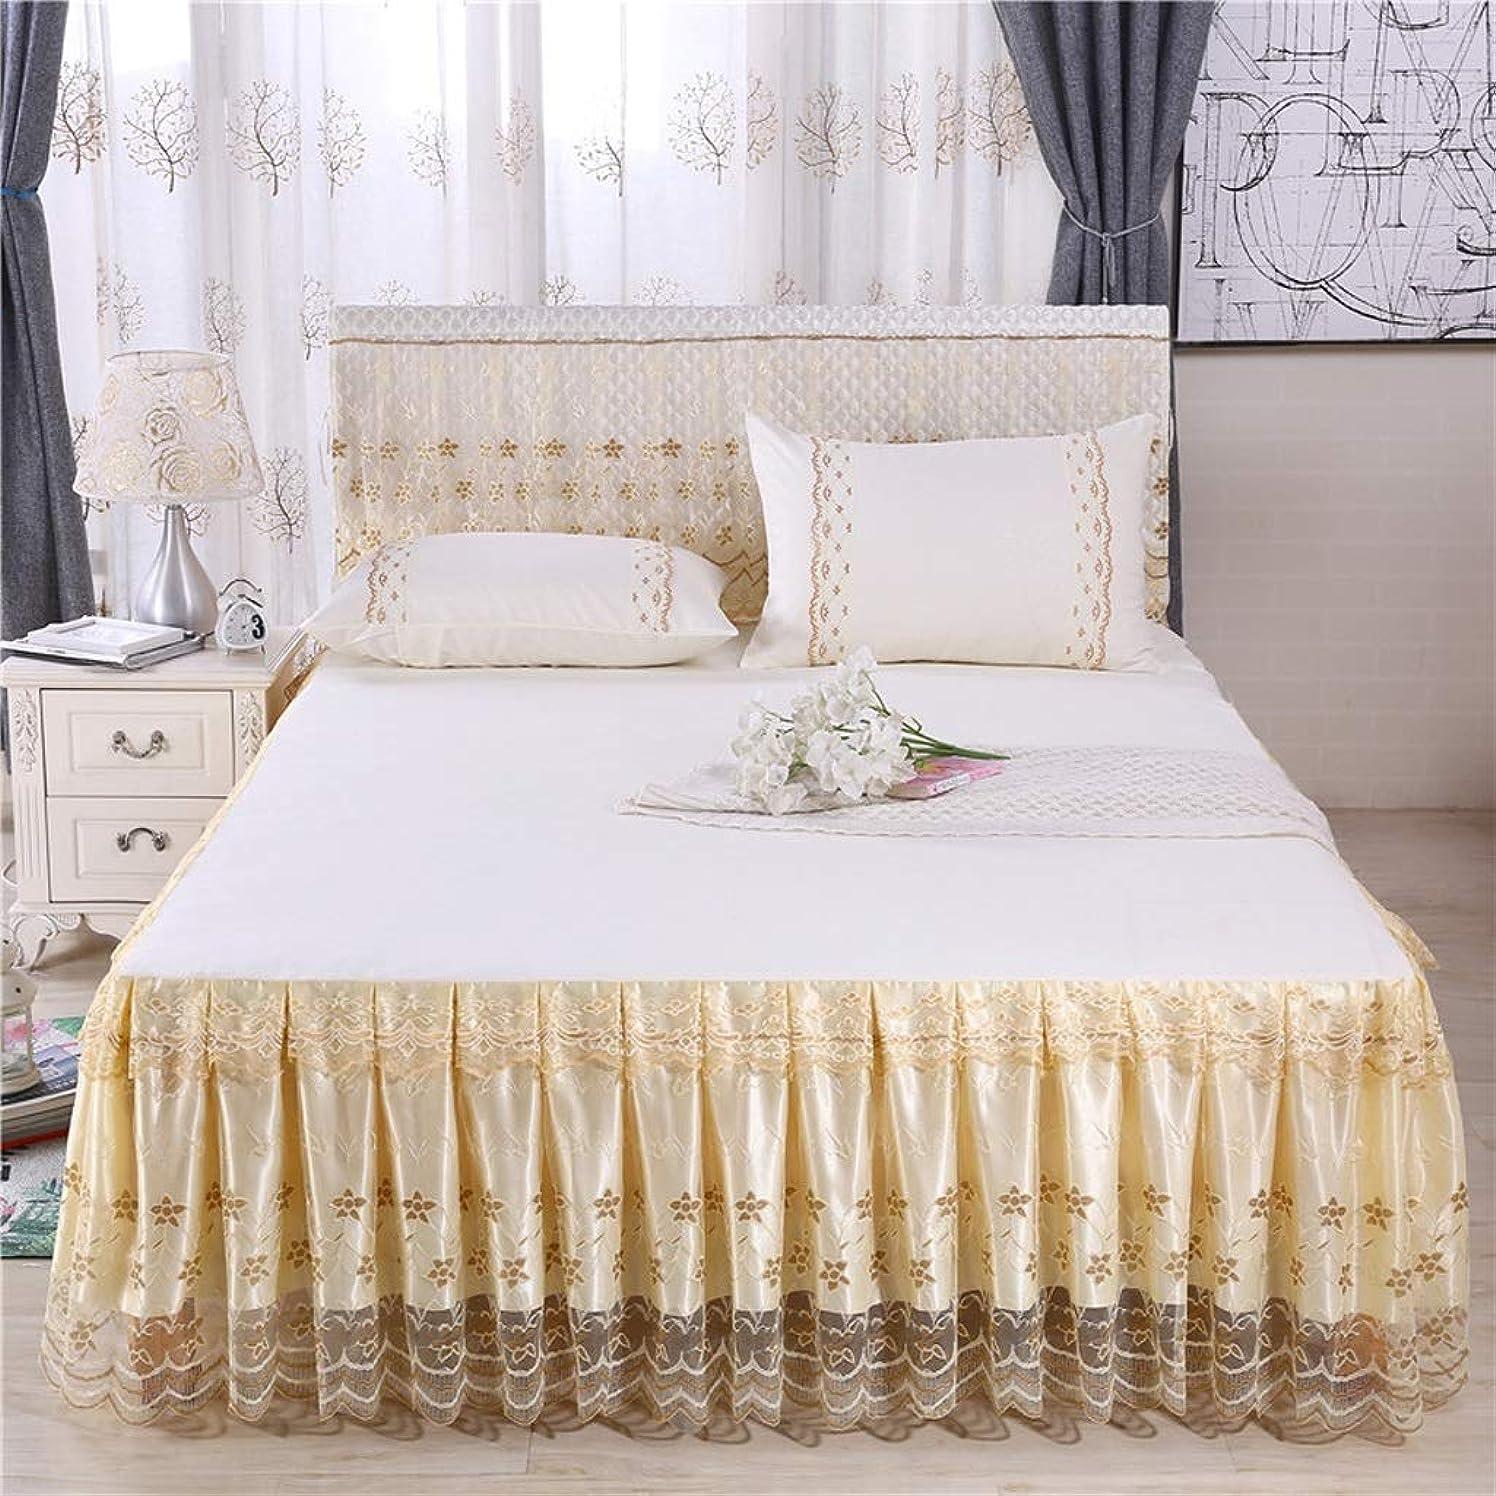 革命的拍手するボア印刷ベッドスカート寝具プリーツゴムバンド固定保護ケース - 高級ダストラッフル (色 : ベージュ, サイズ さいず : 200cmx220cm)